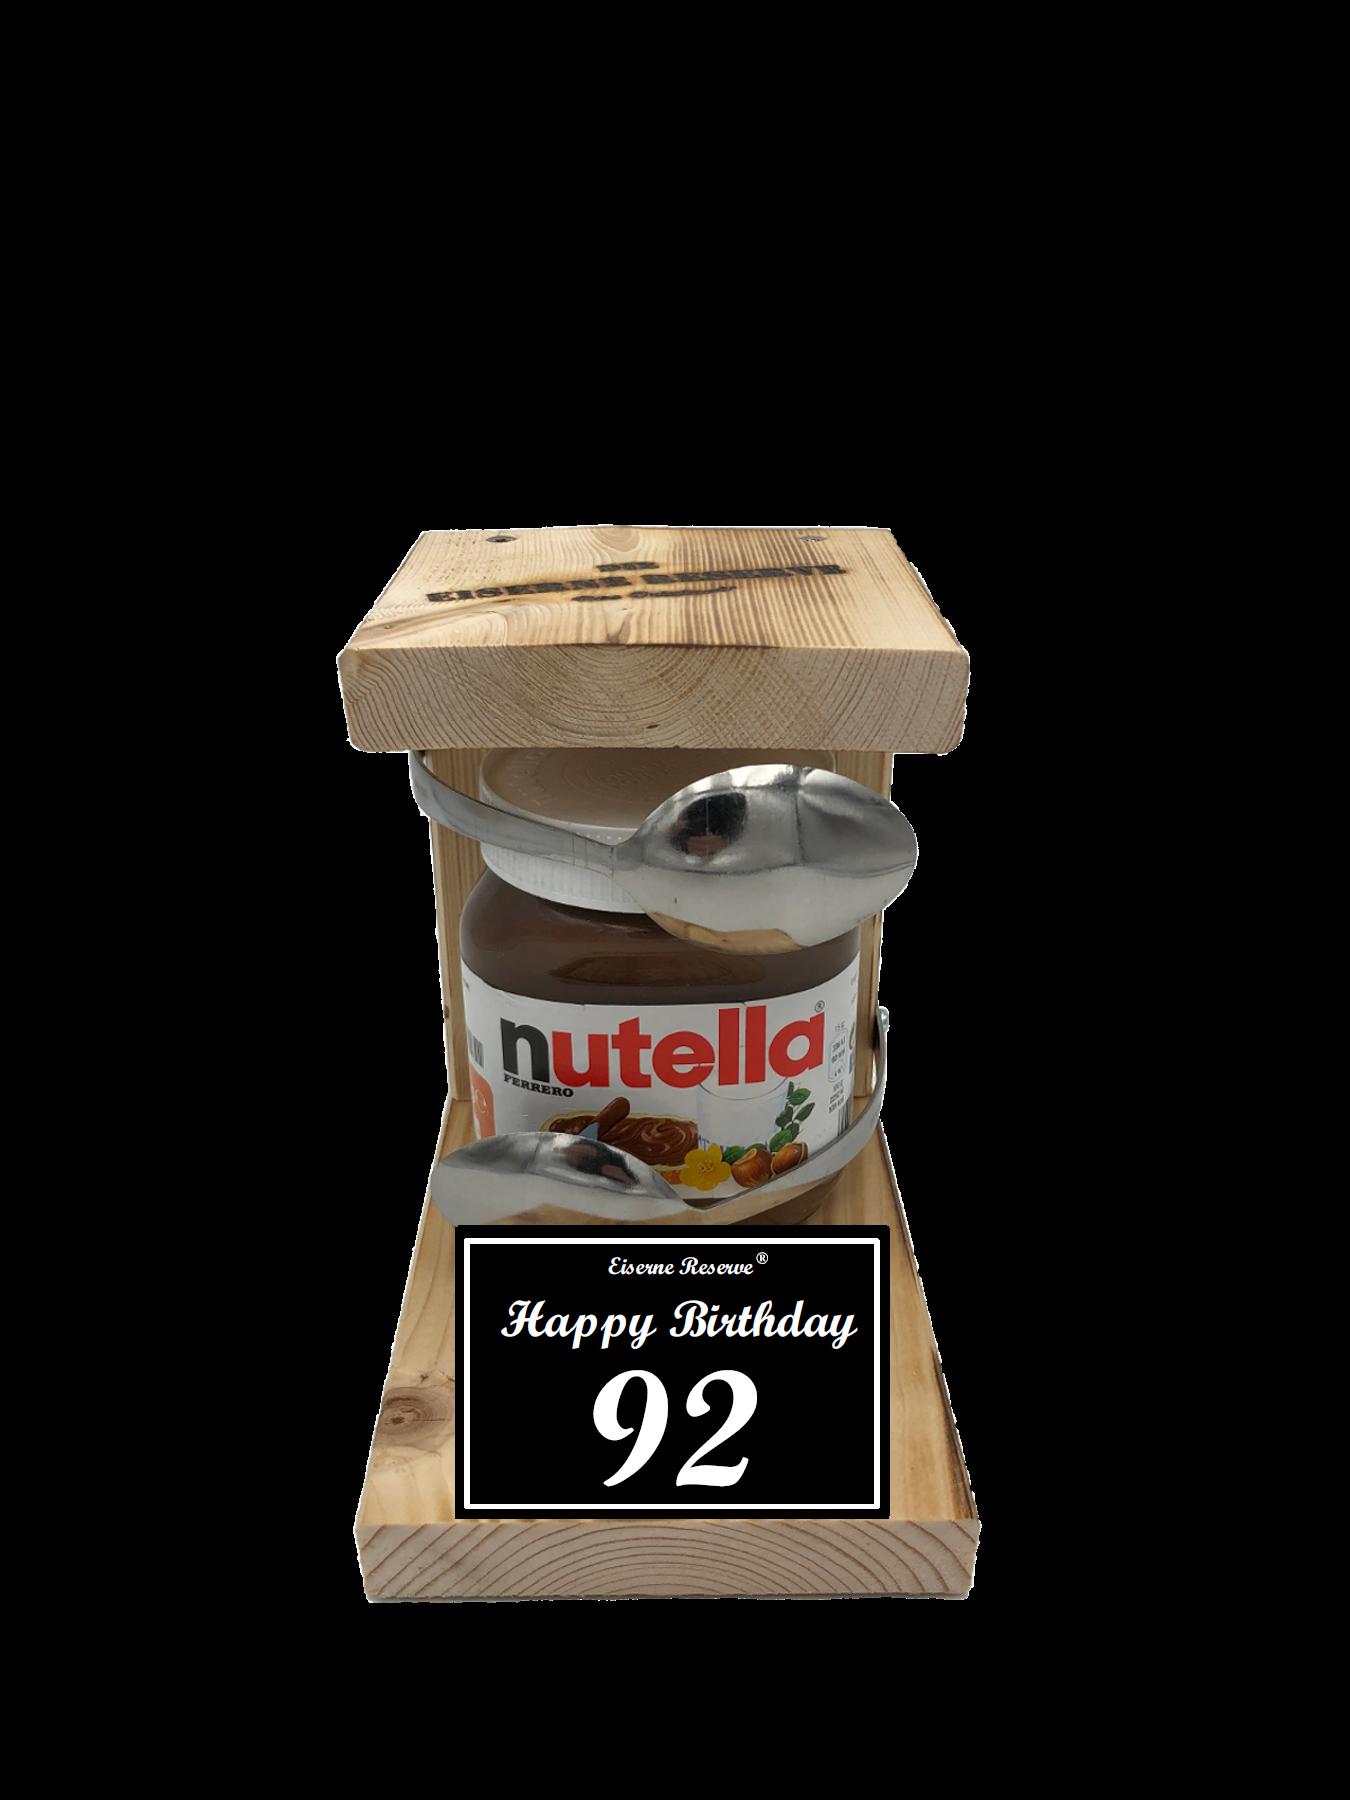 92 Happy Birthday Löffel Nutella Geschenk - Die Nutella Geschenkidee